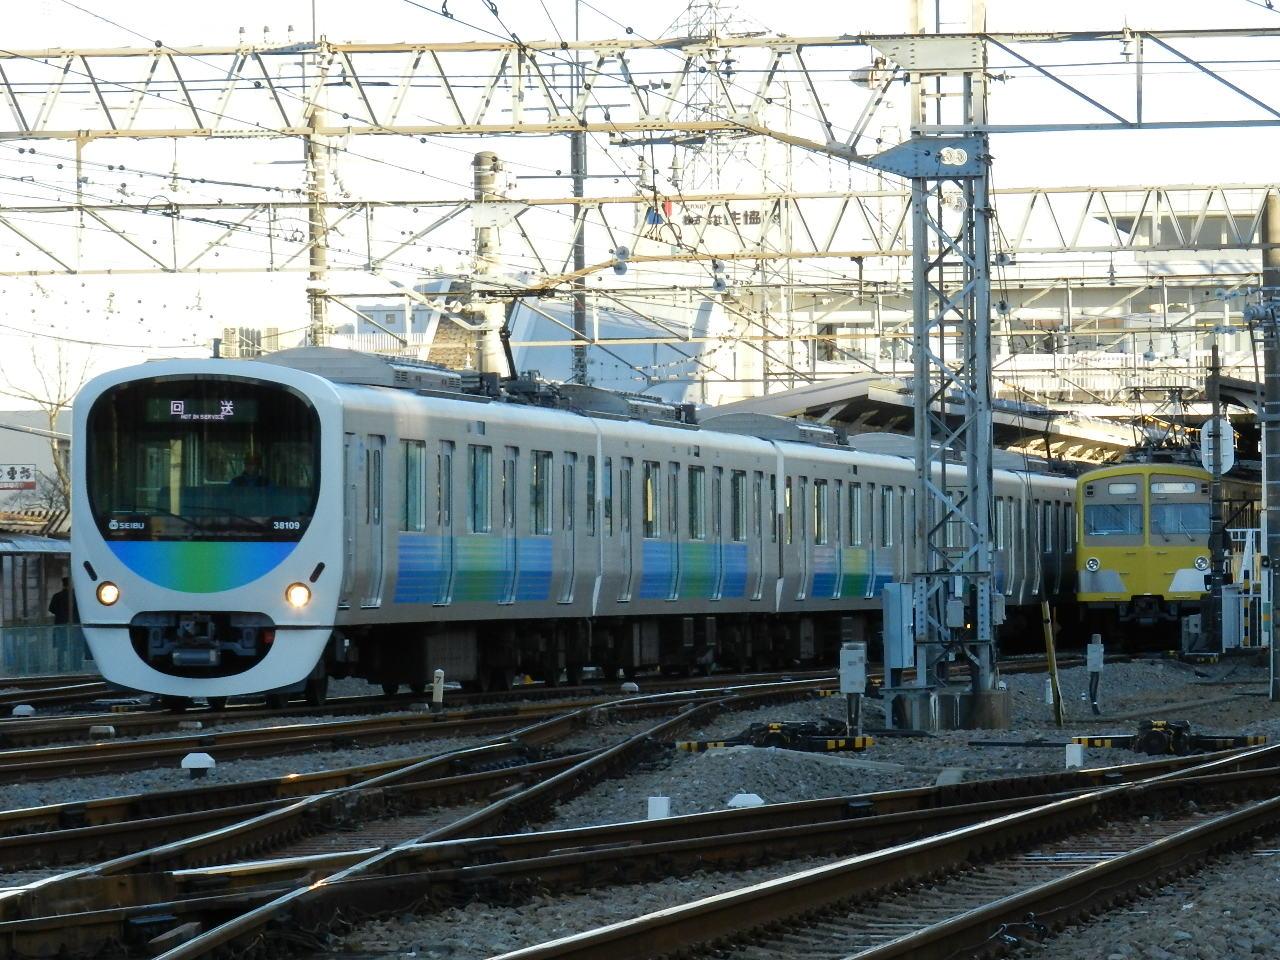 DSCN7952.jpg